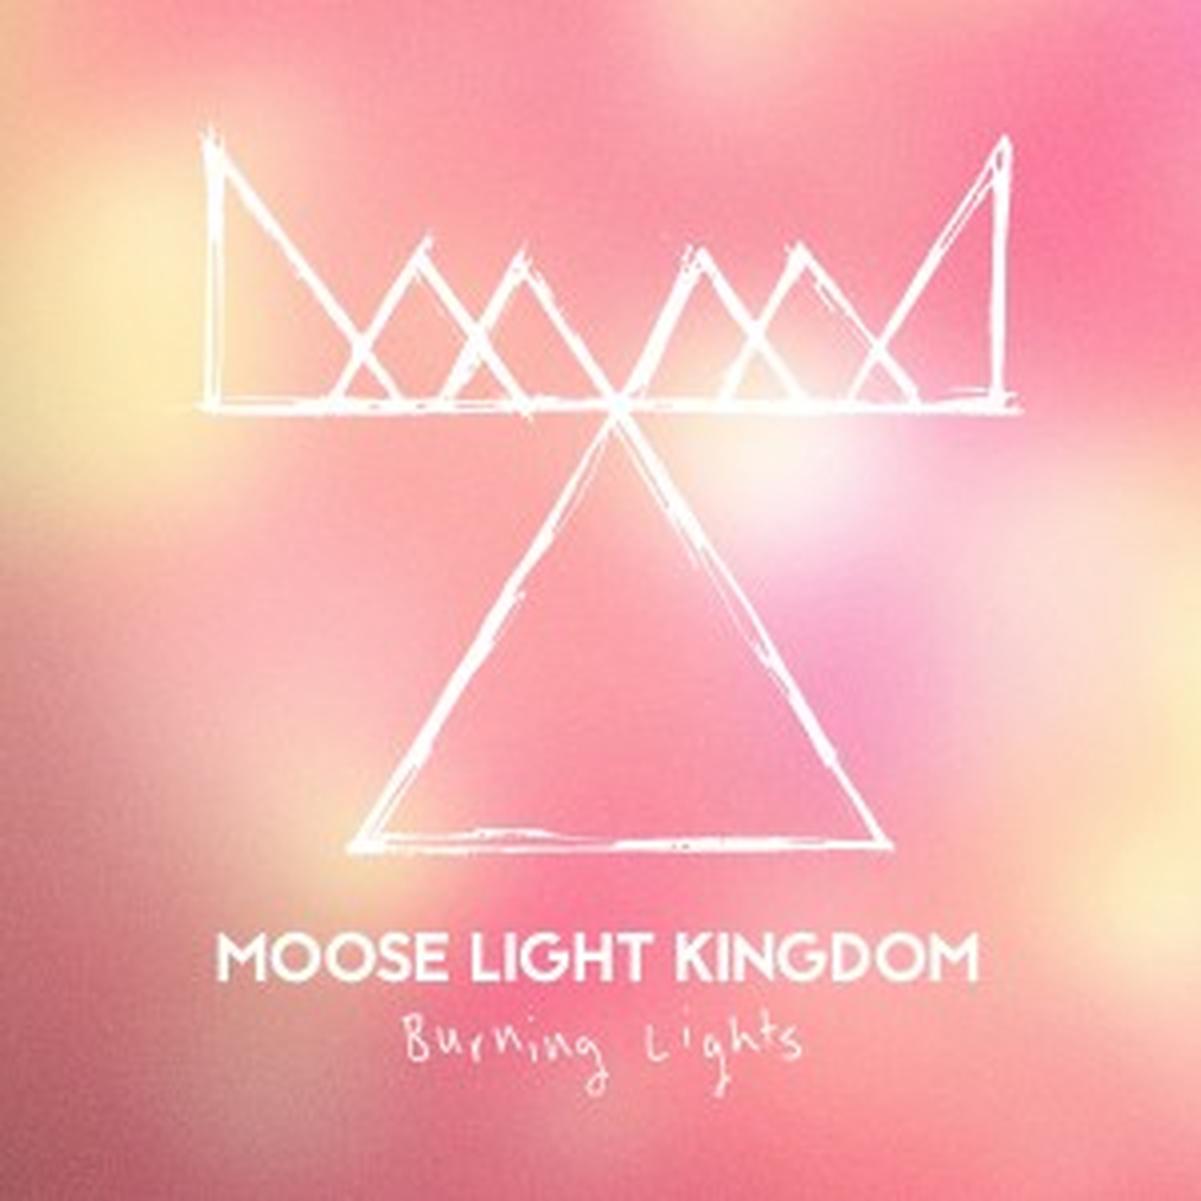 Moose Light Kingdom